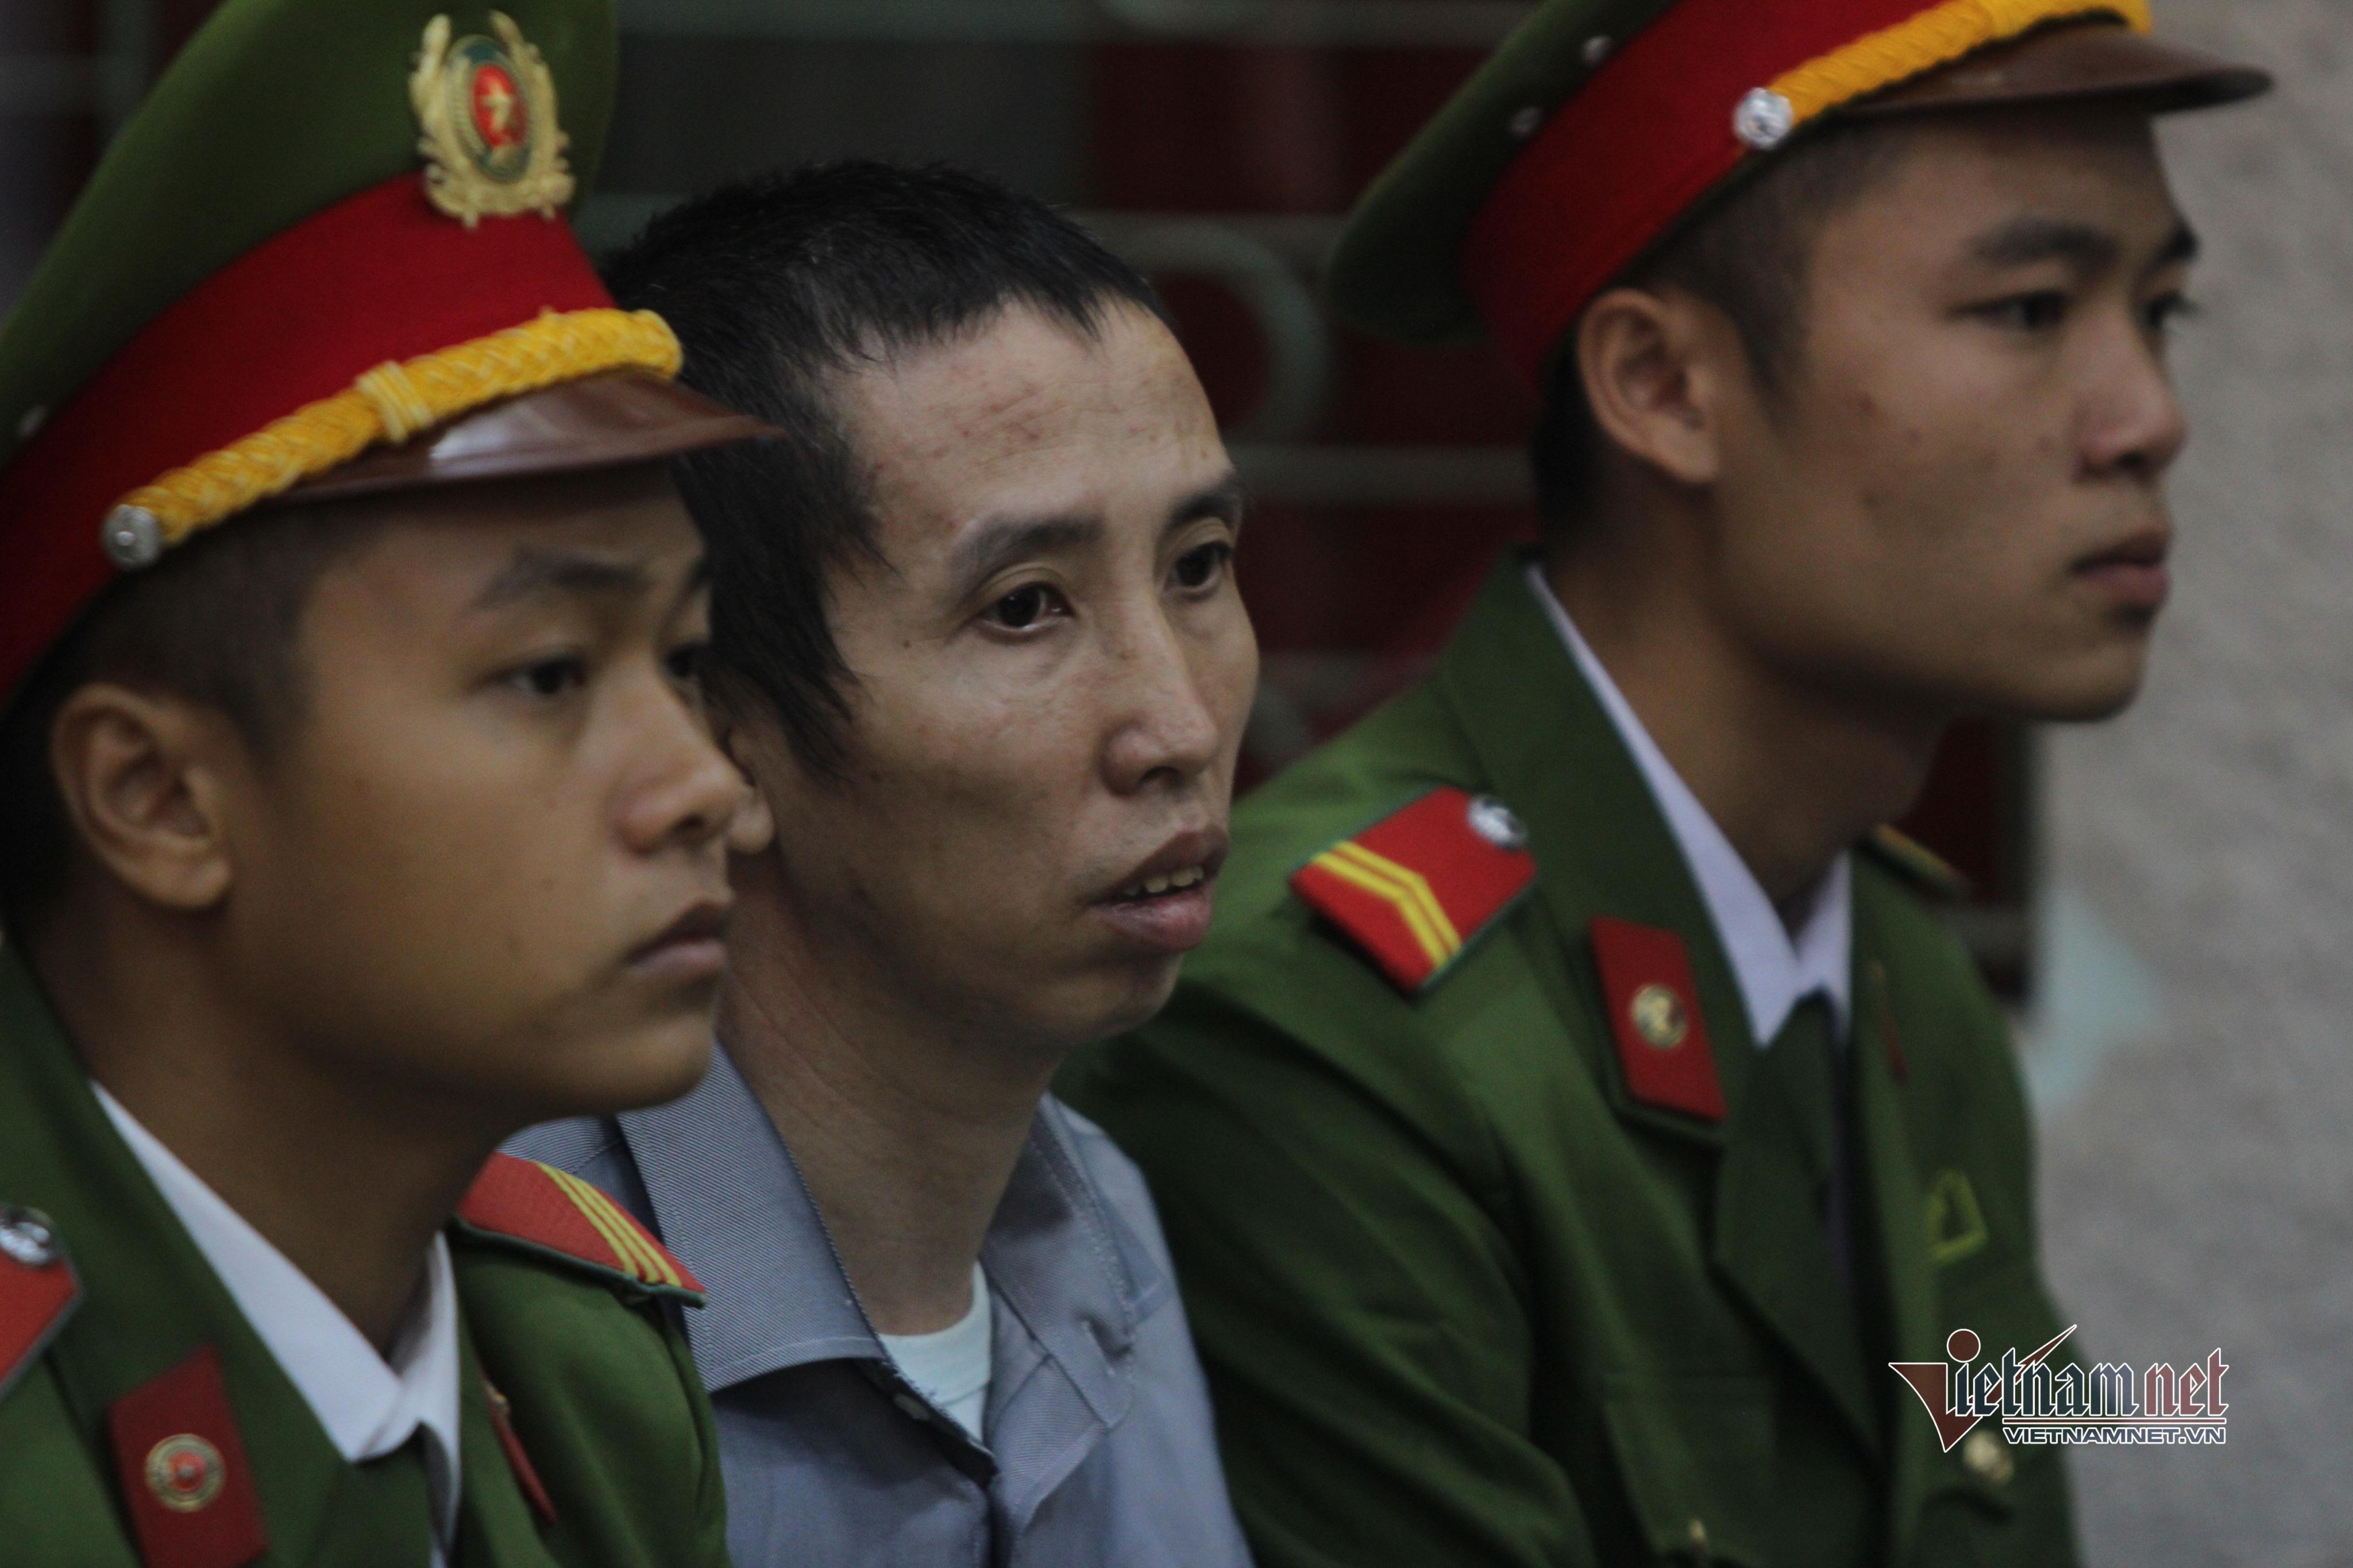 Nóng: Lần đầu tiên bố và chị gái nữ sinh giao gà bị sát hại ở Điện Biên xuất hiện-11